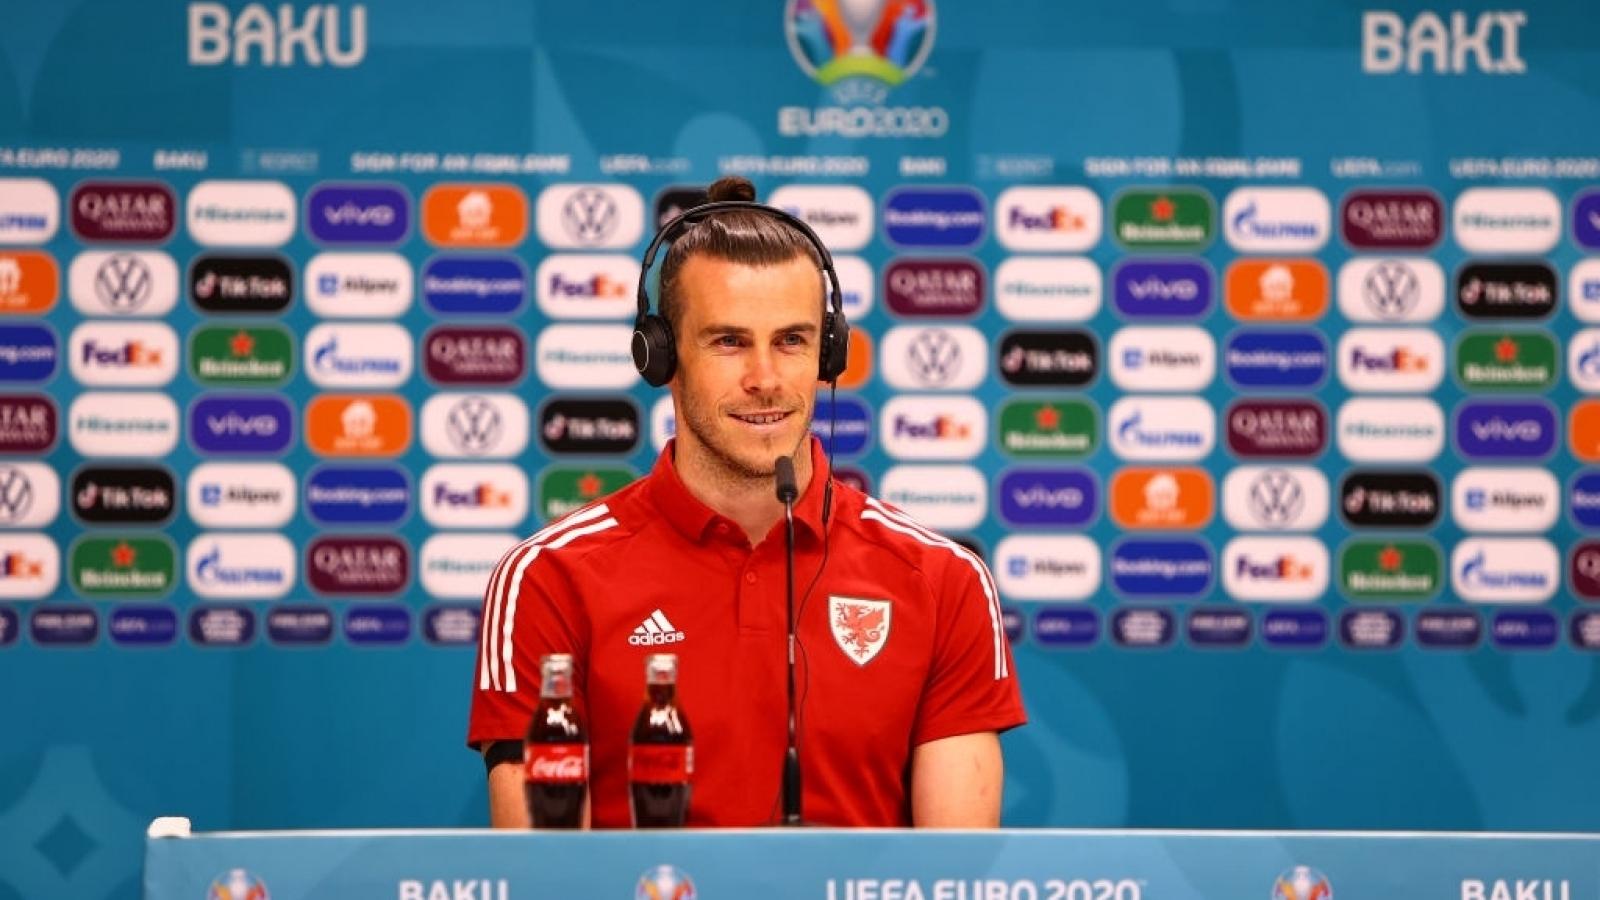 Trực tiếp bóng đá Xứ Wales - Thụy Sĩ: Cơ hội nào cho Bale và đồng đội?